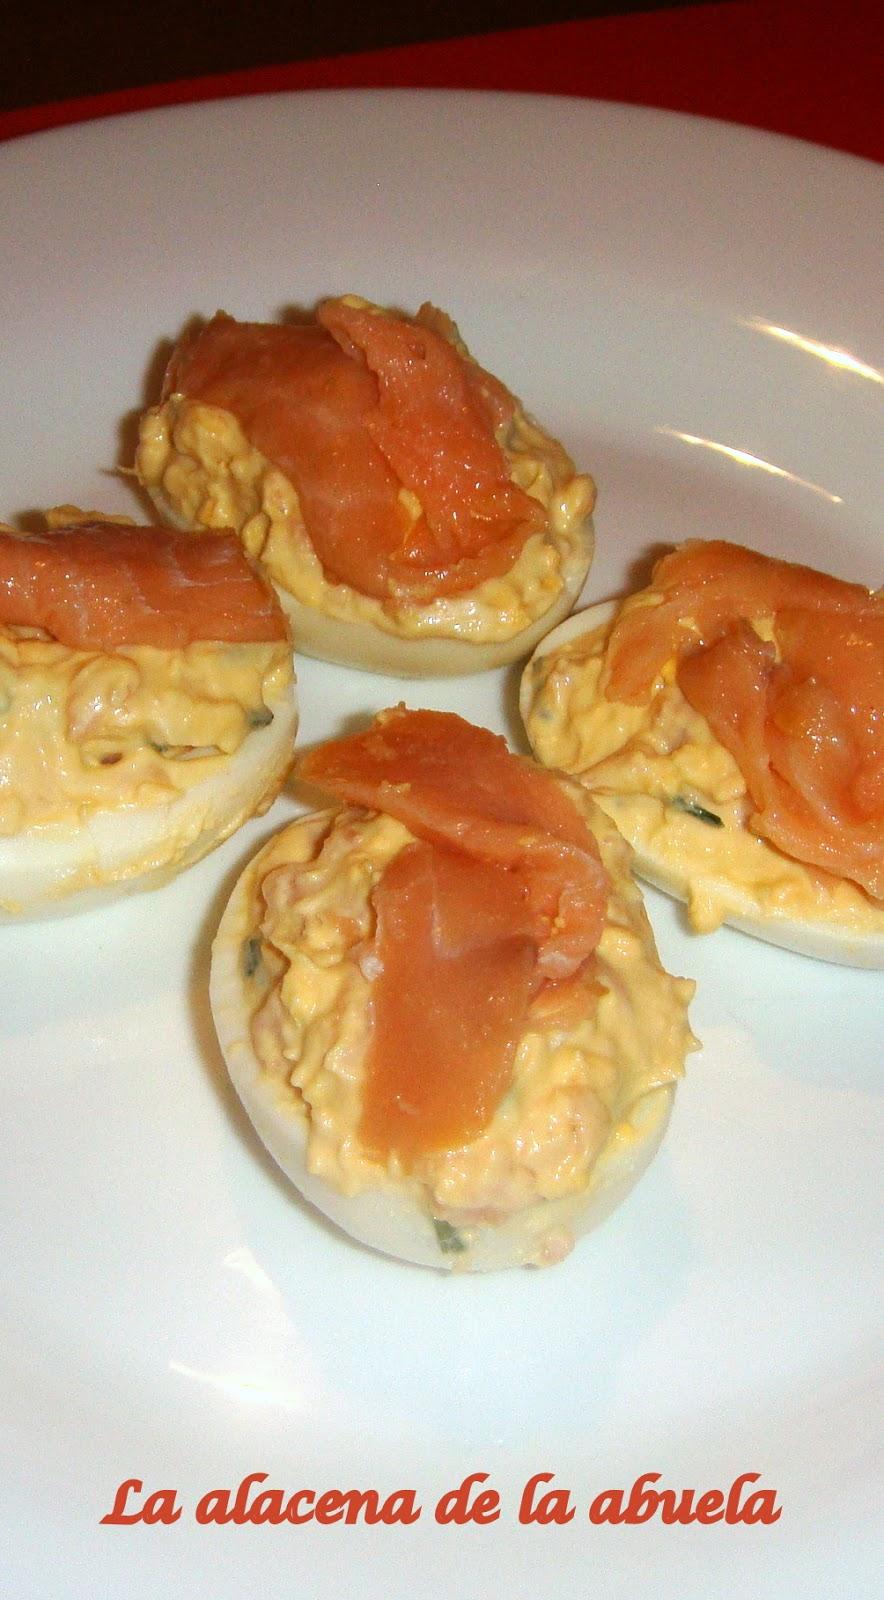 La alacena de la abuela carmen huevos rellenos de salm n for Cocina casera de la abuela